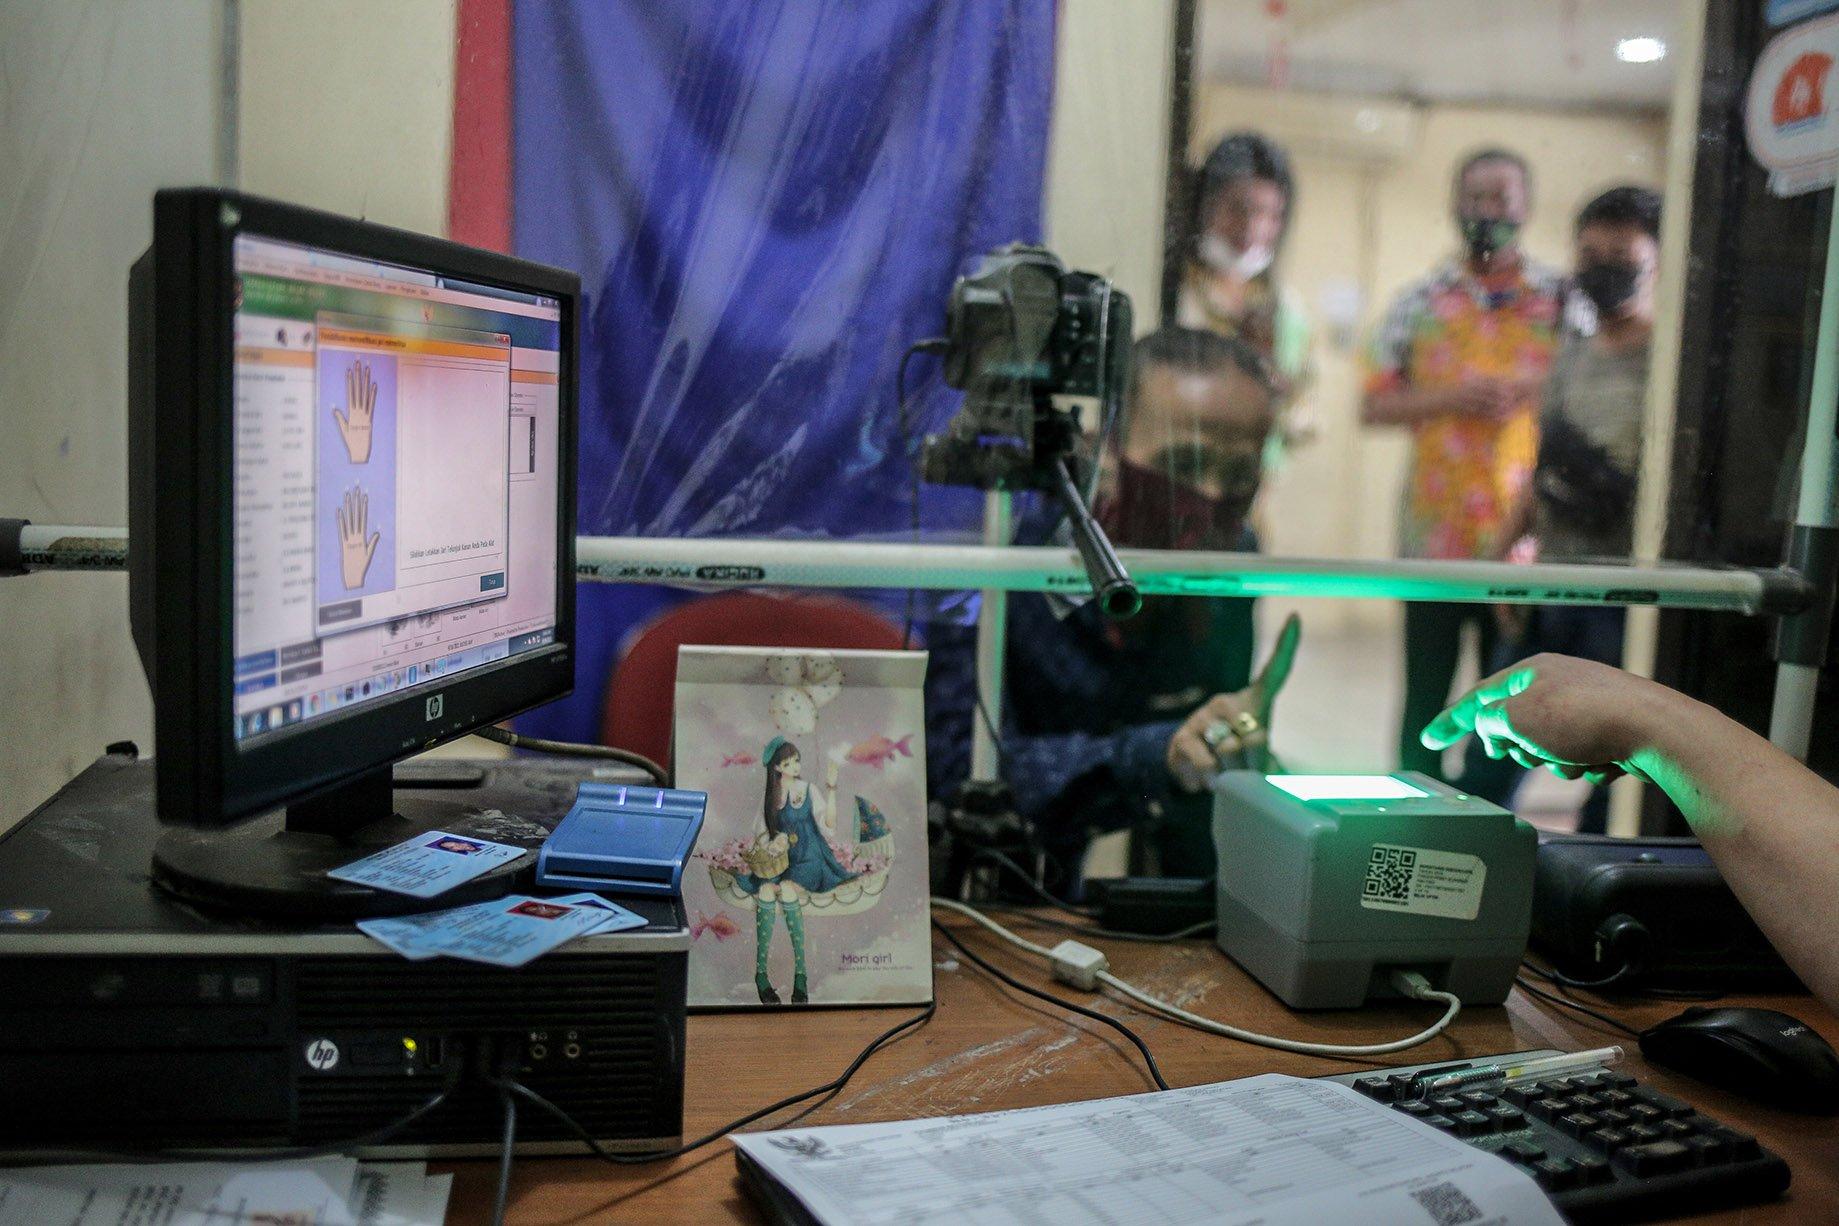 Seorang transpuan melakukan tes biometrik untuk membuat KTP elektronik di Kantor Kelurahan Cilandak Barat, Jakarta Selatan, Kamis (16/9/2021). Kepemilikan KTP elektronik bagi transgender perempuan (transpuan) agar mereka bisa mendapatkan pelayanan publik seperti jaminan sosial, kesehatan, hingga pendidikan.